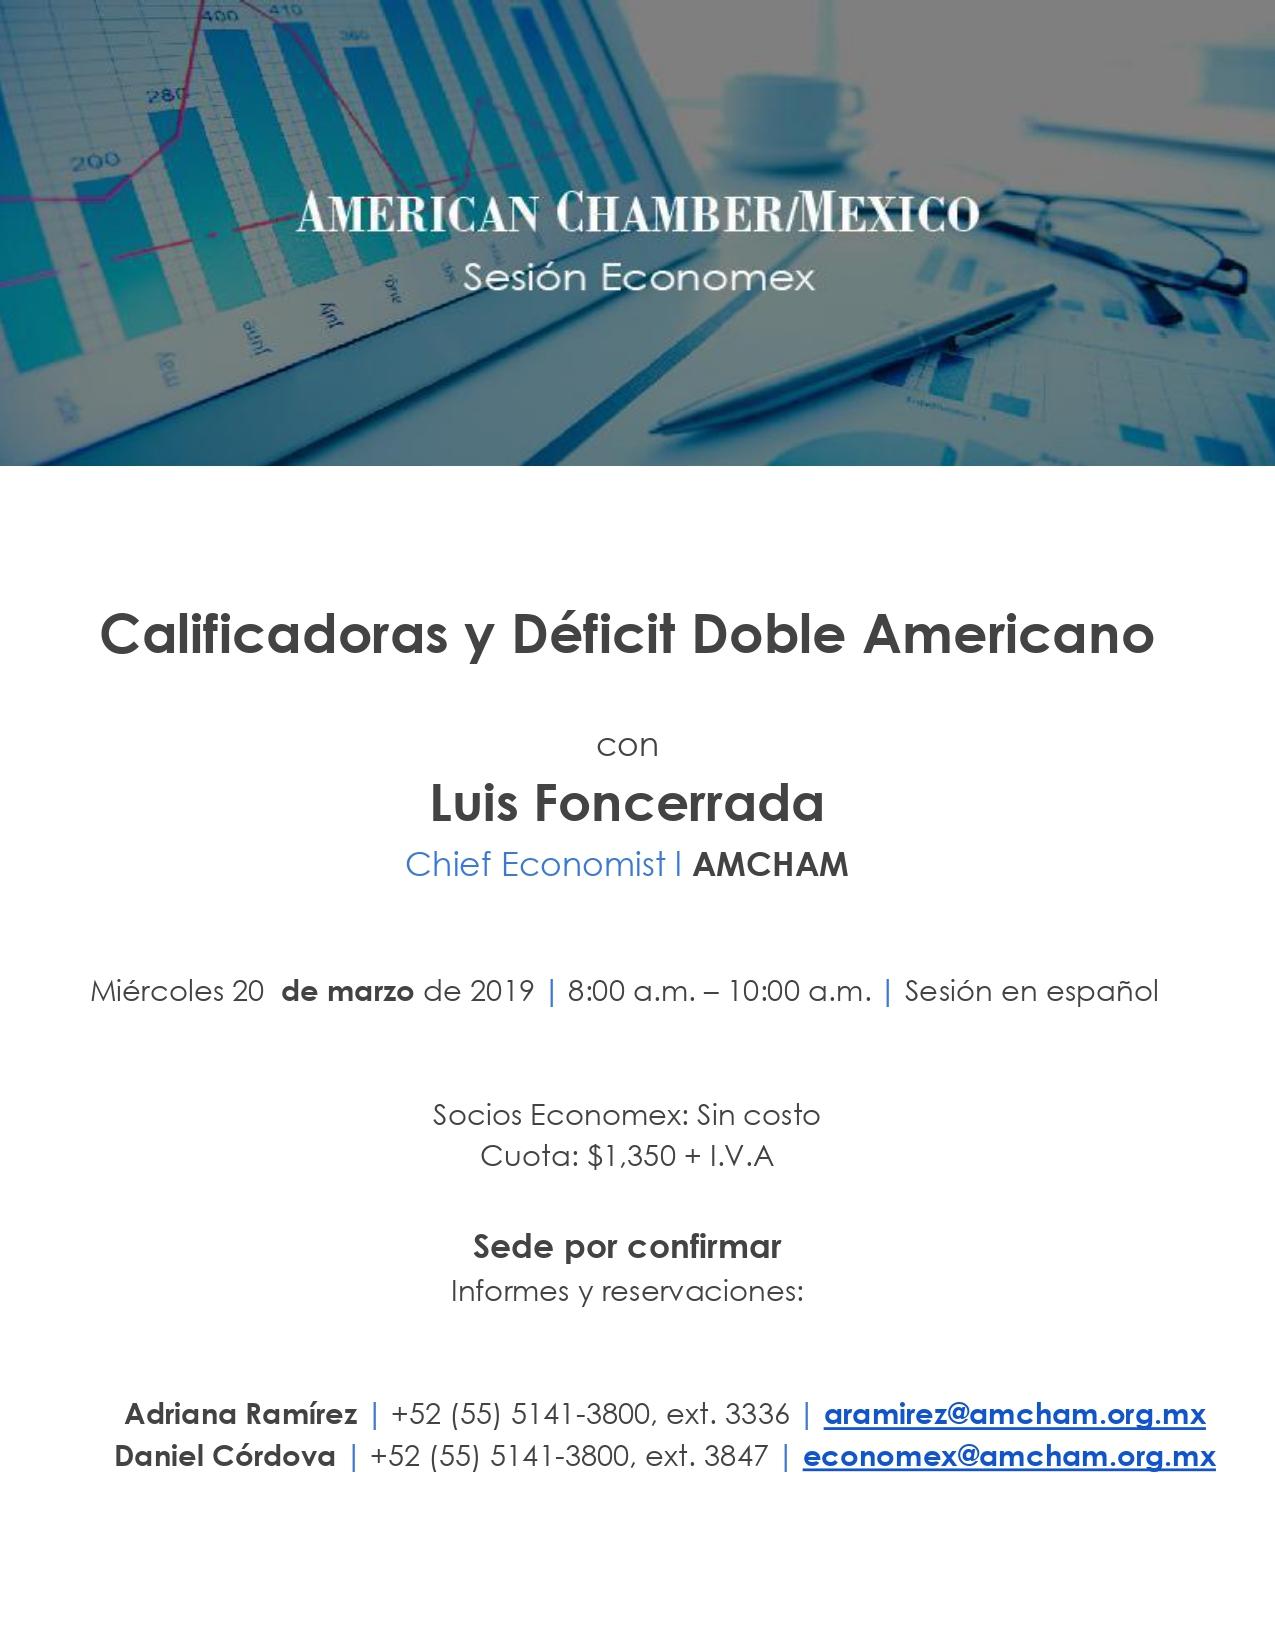 Sesión Economex: Calificadoras y Déficit Doble Americano 20/03/19